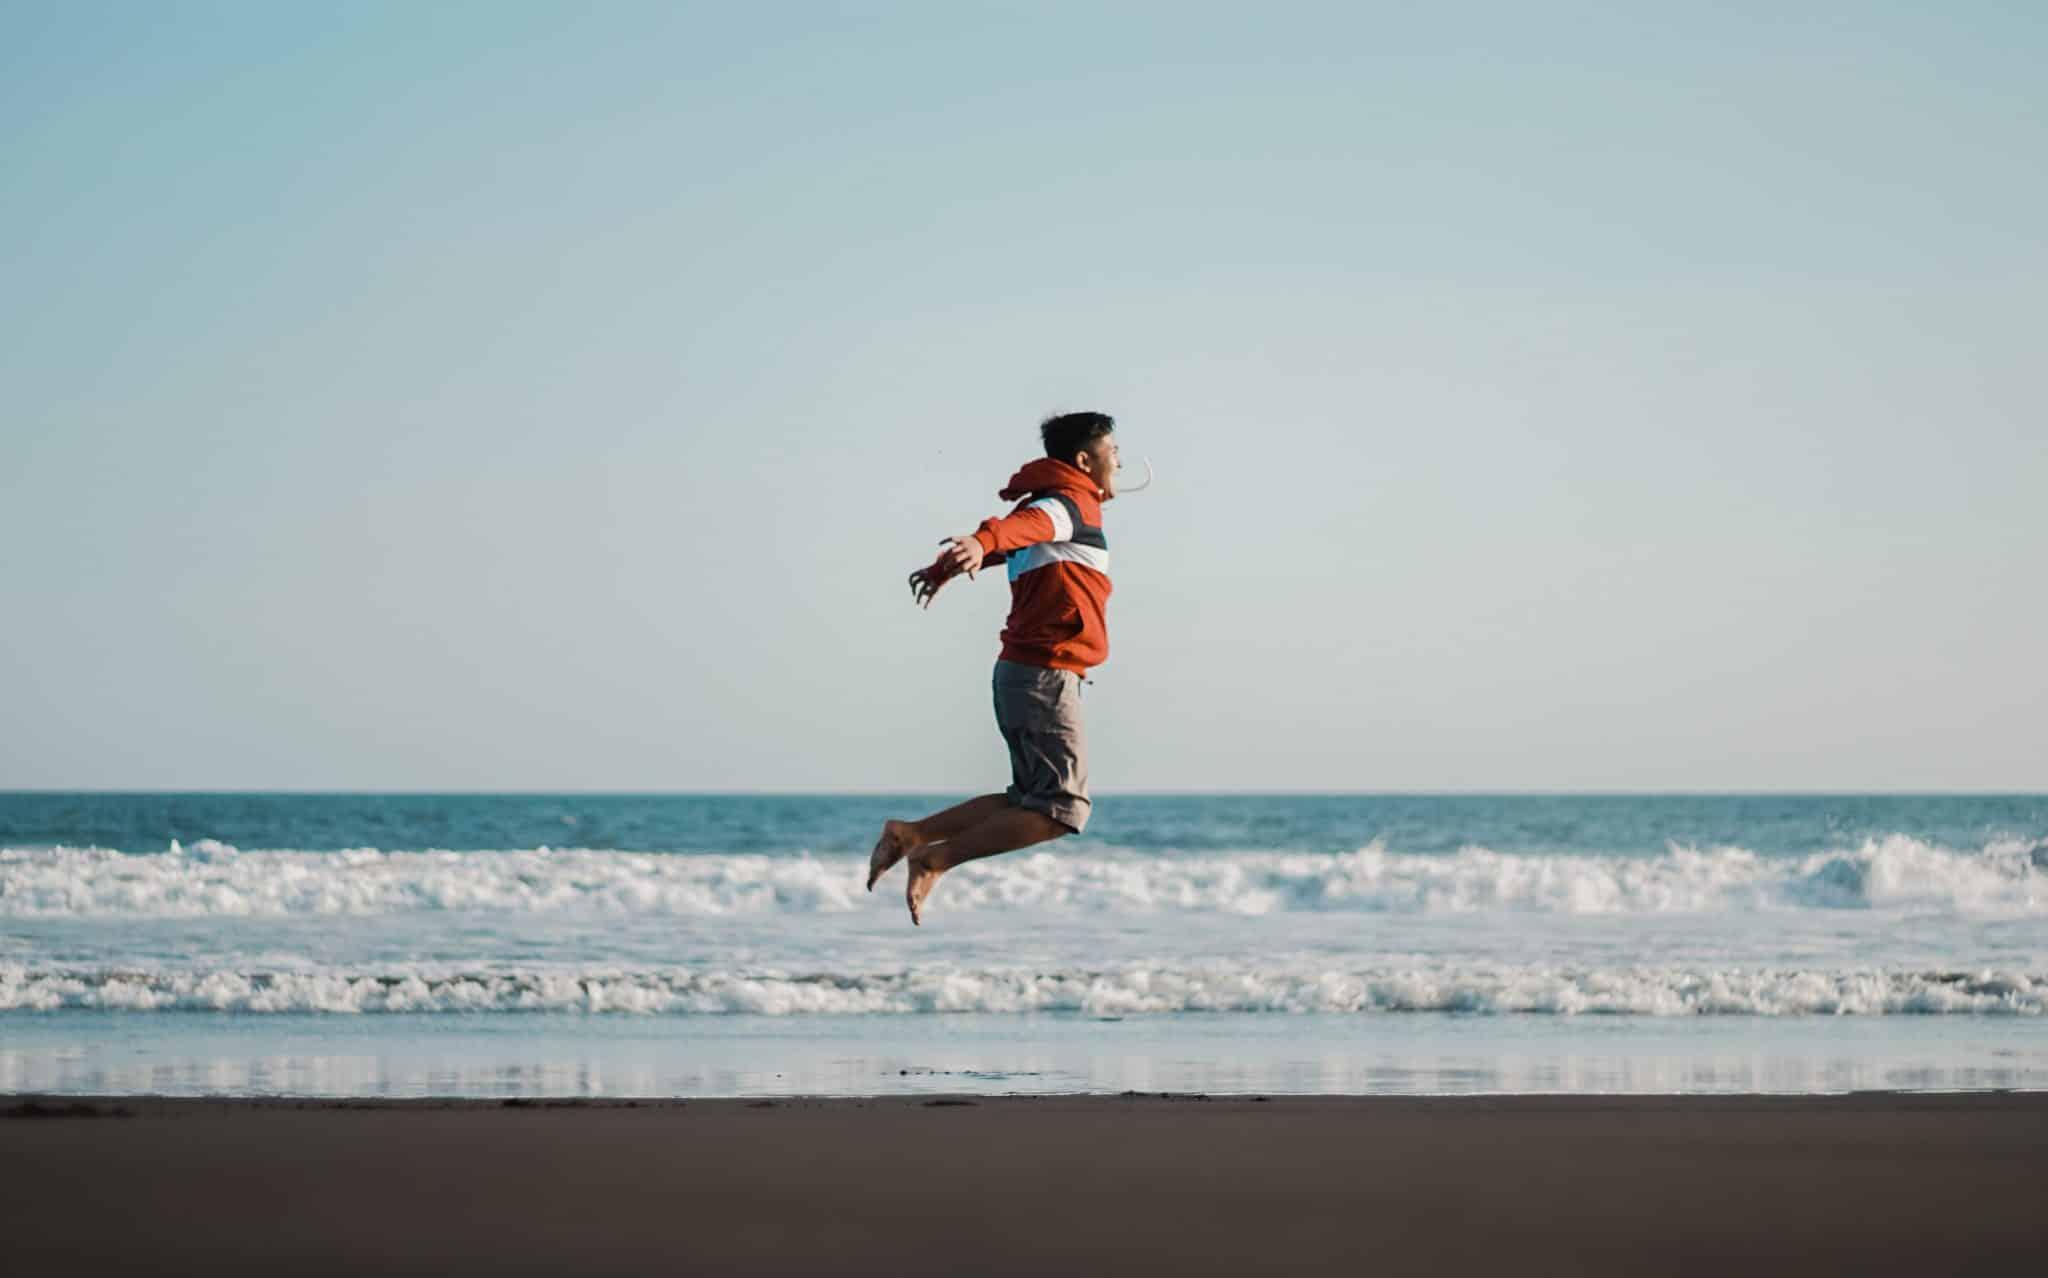 Um homem pulando em uma praia. Em plano posterior, o mar.